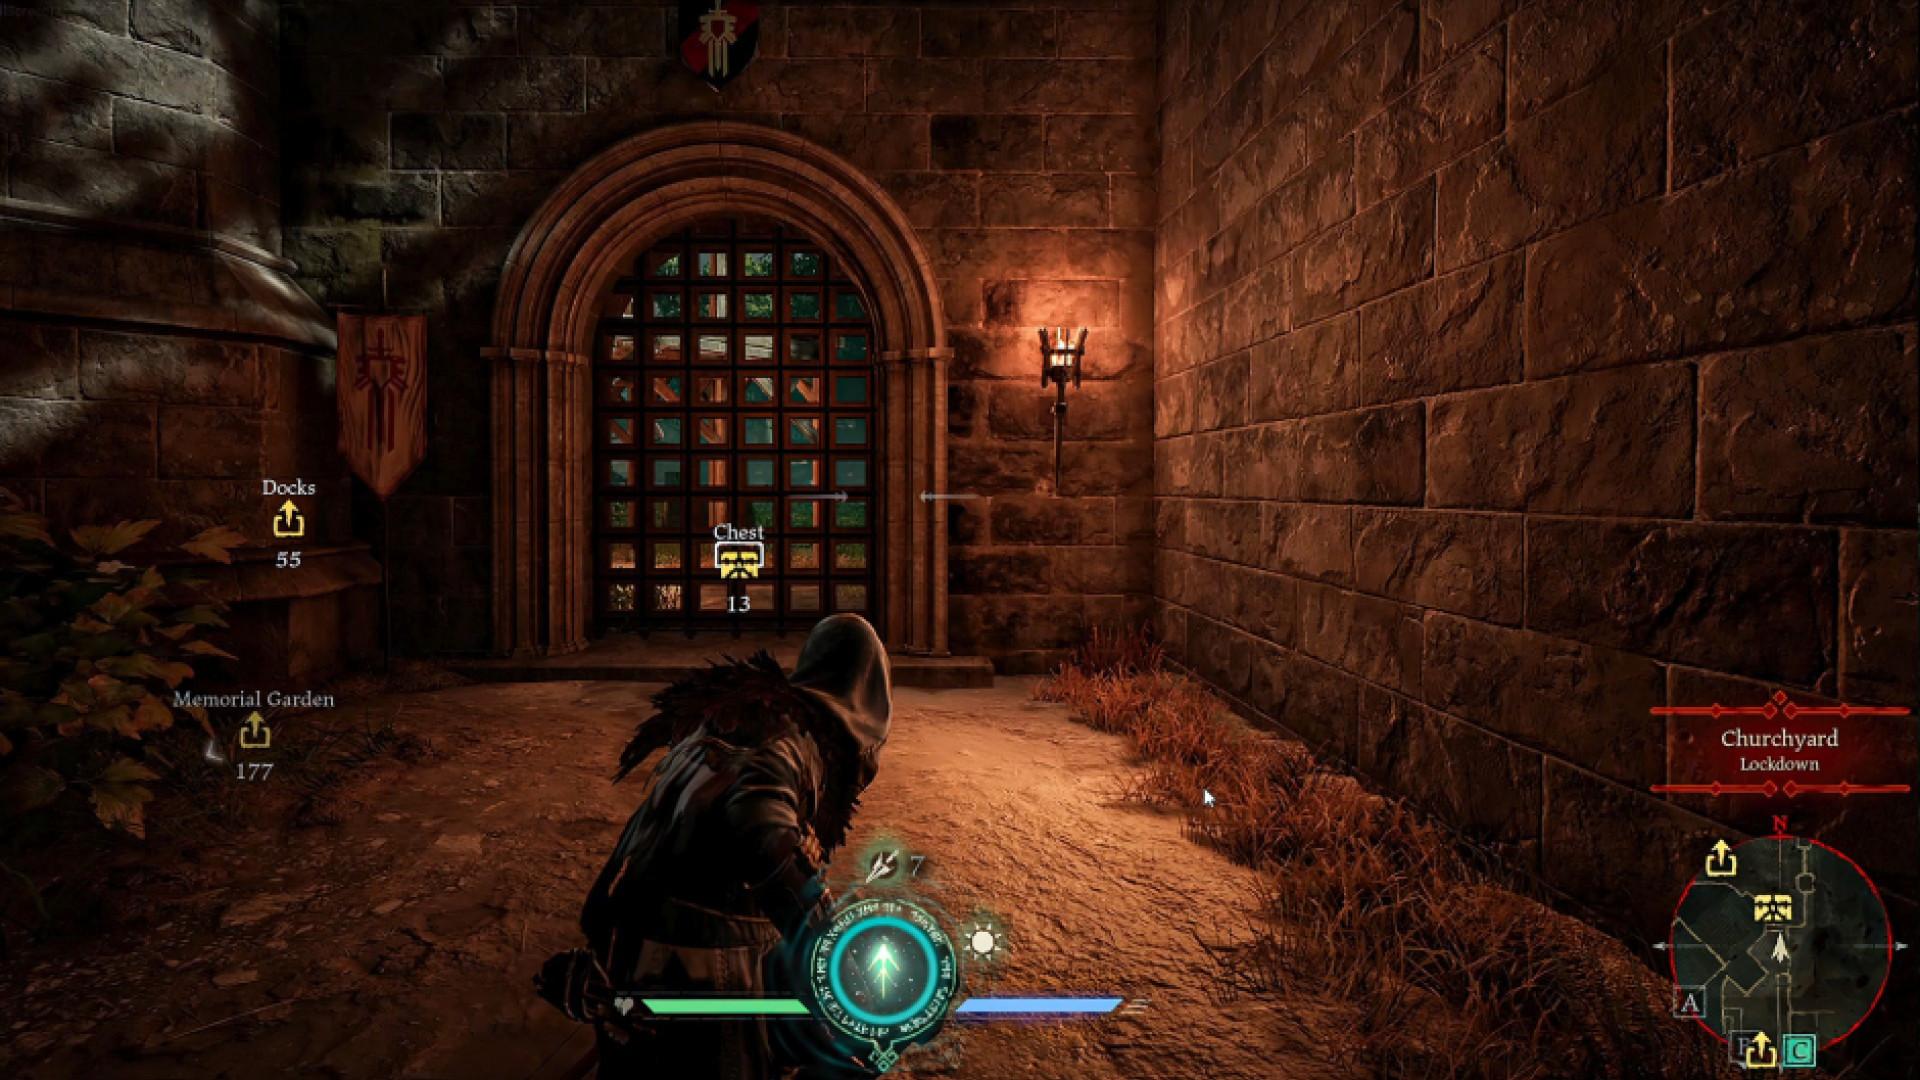 hood outlaws and legends screenshot wallpaper 74367